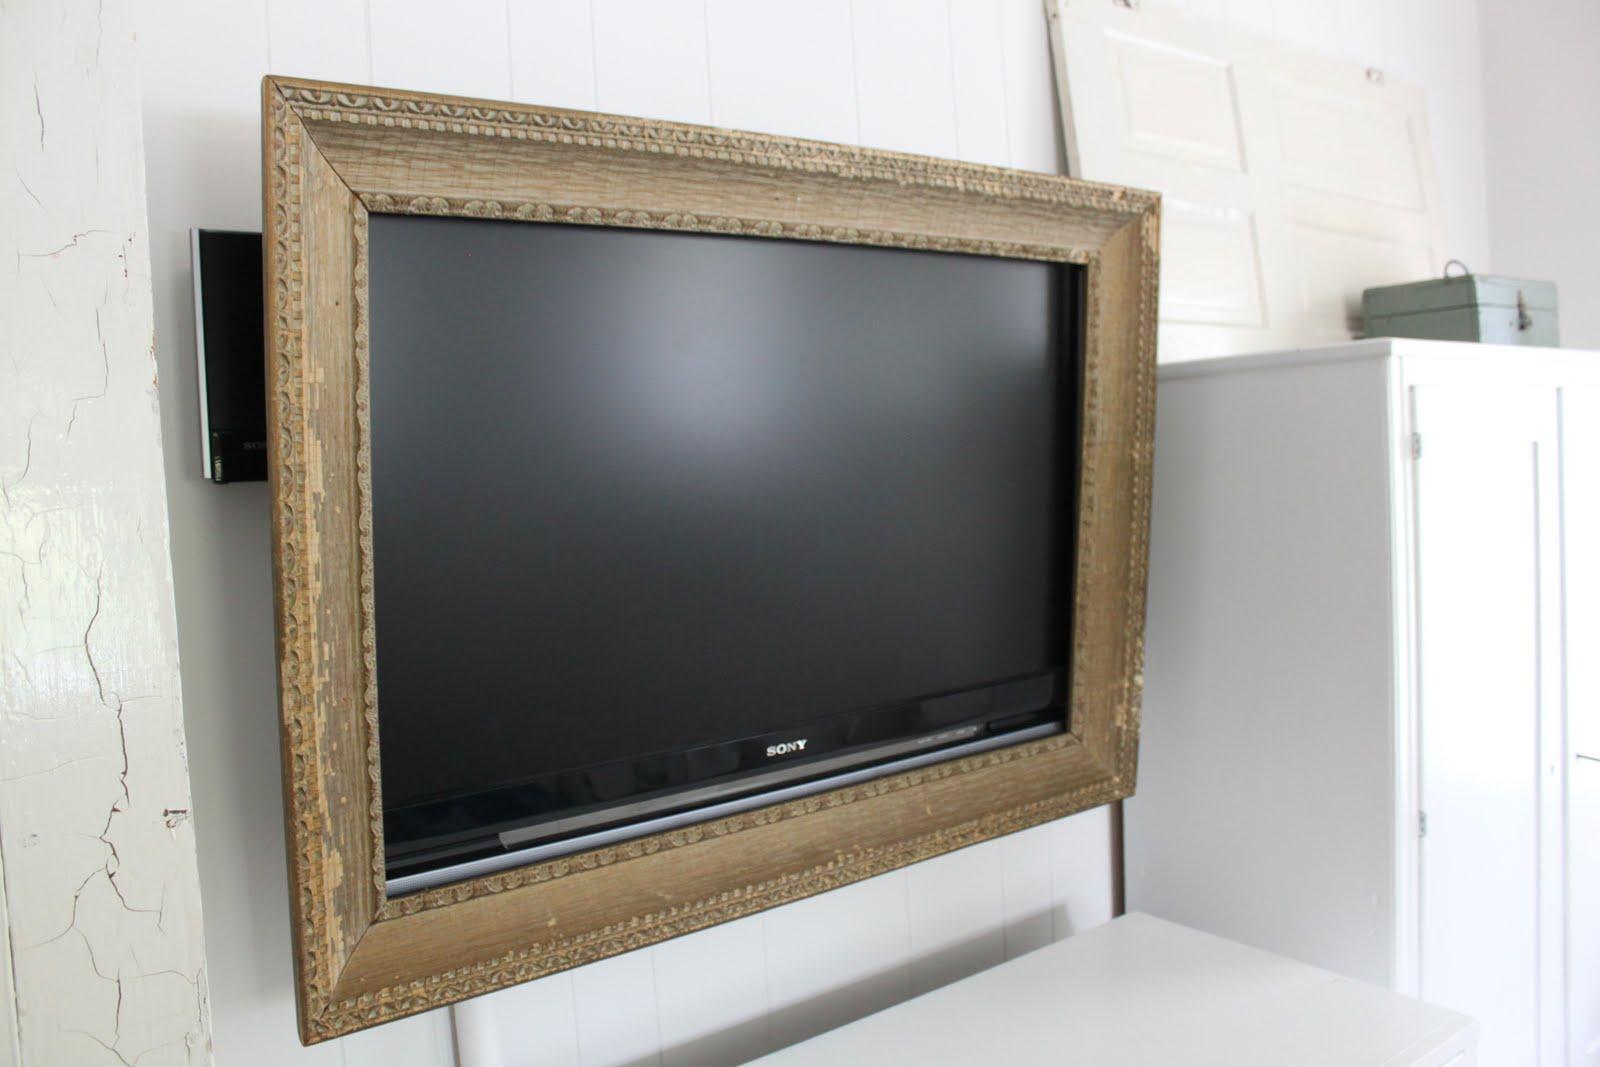 Sarah and DrewB: framed TV